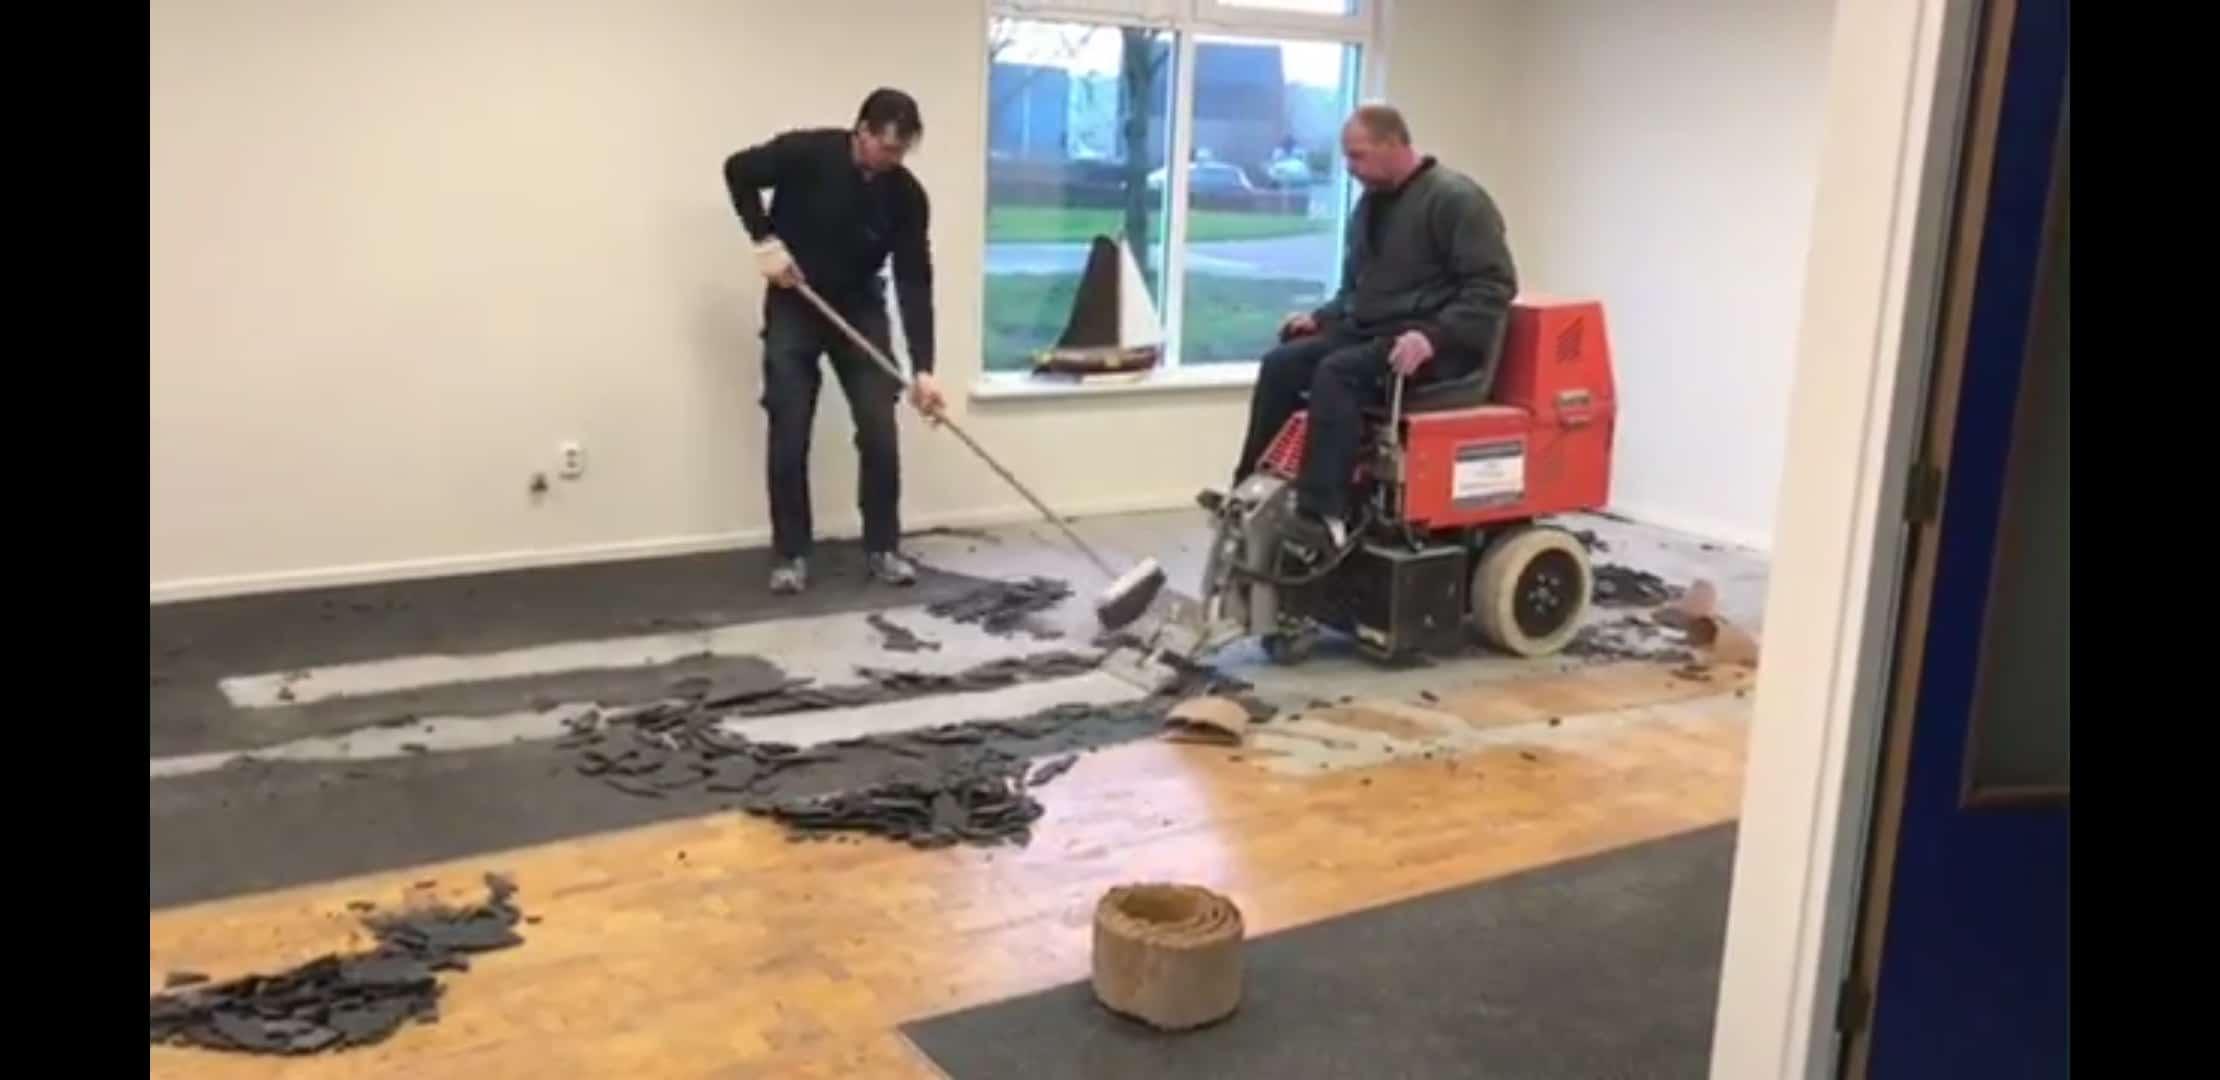 Beroemd Siergrindvloer laten verwijderen - Vloer Verwijderen Wolter VT73